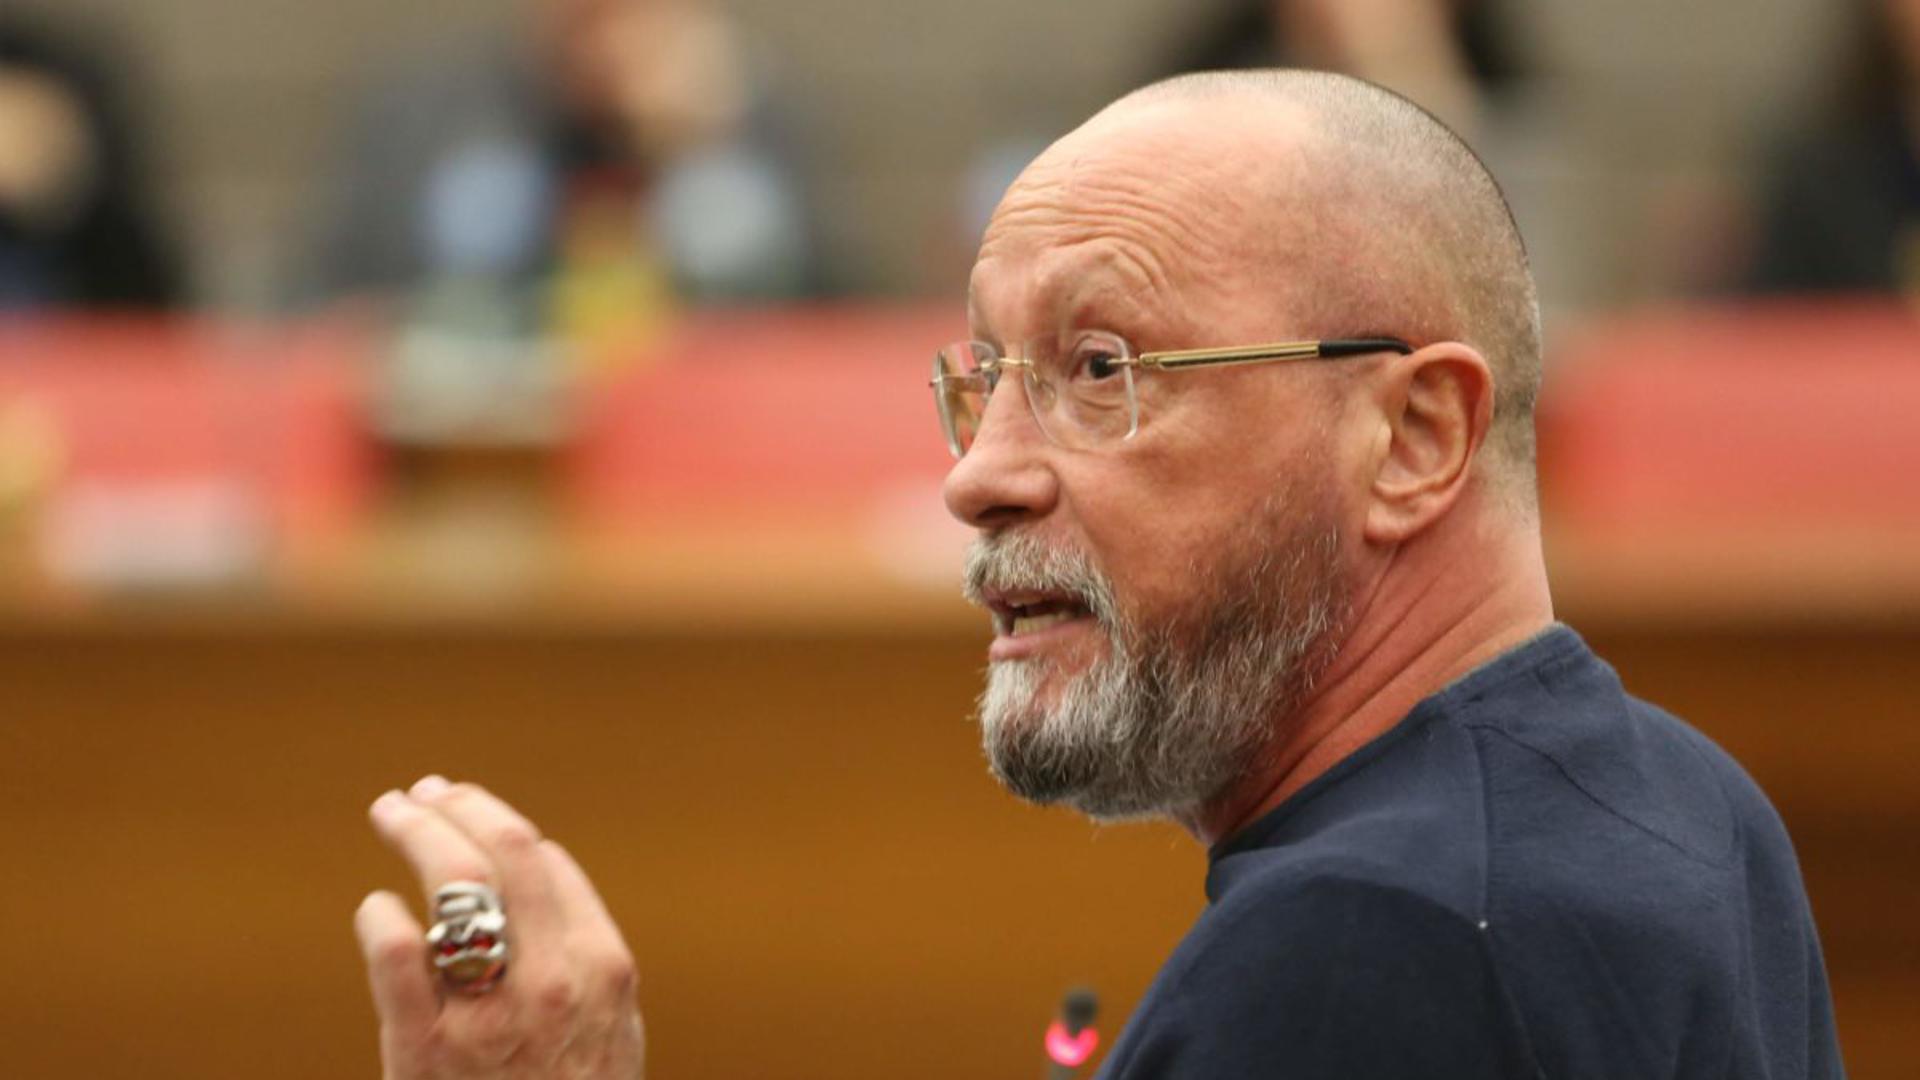 Einen Schlag gesetzt: Uwe Hück ist zurück im Rennen um die Landtagskandidatur in der SPD. Die Delegiertenwahl vom Juli muss wiederholt werden.